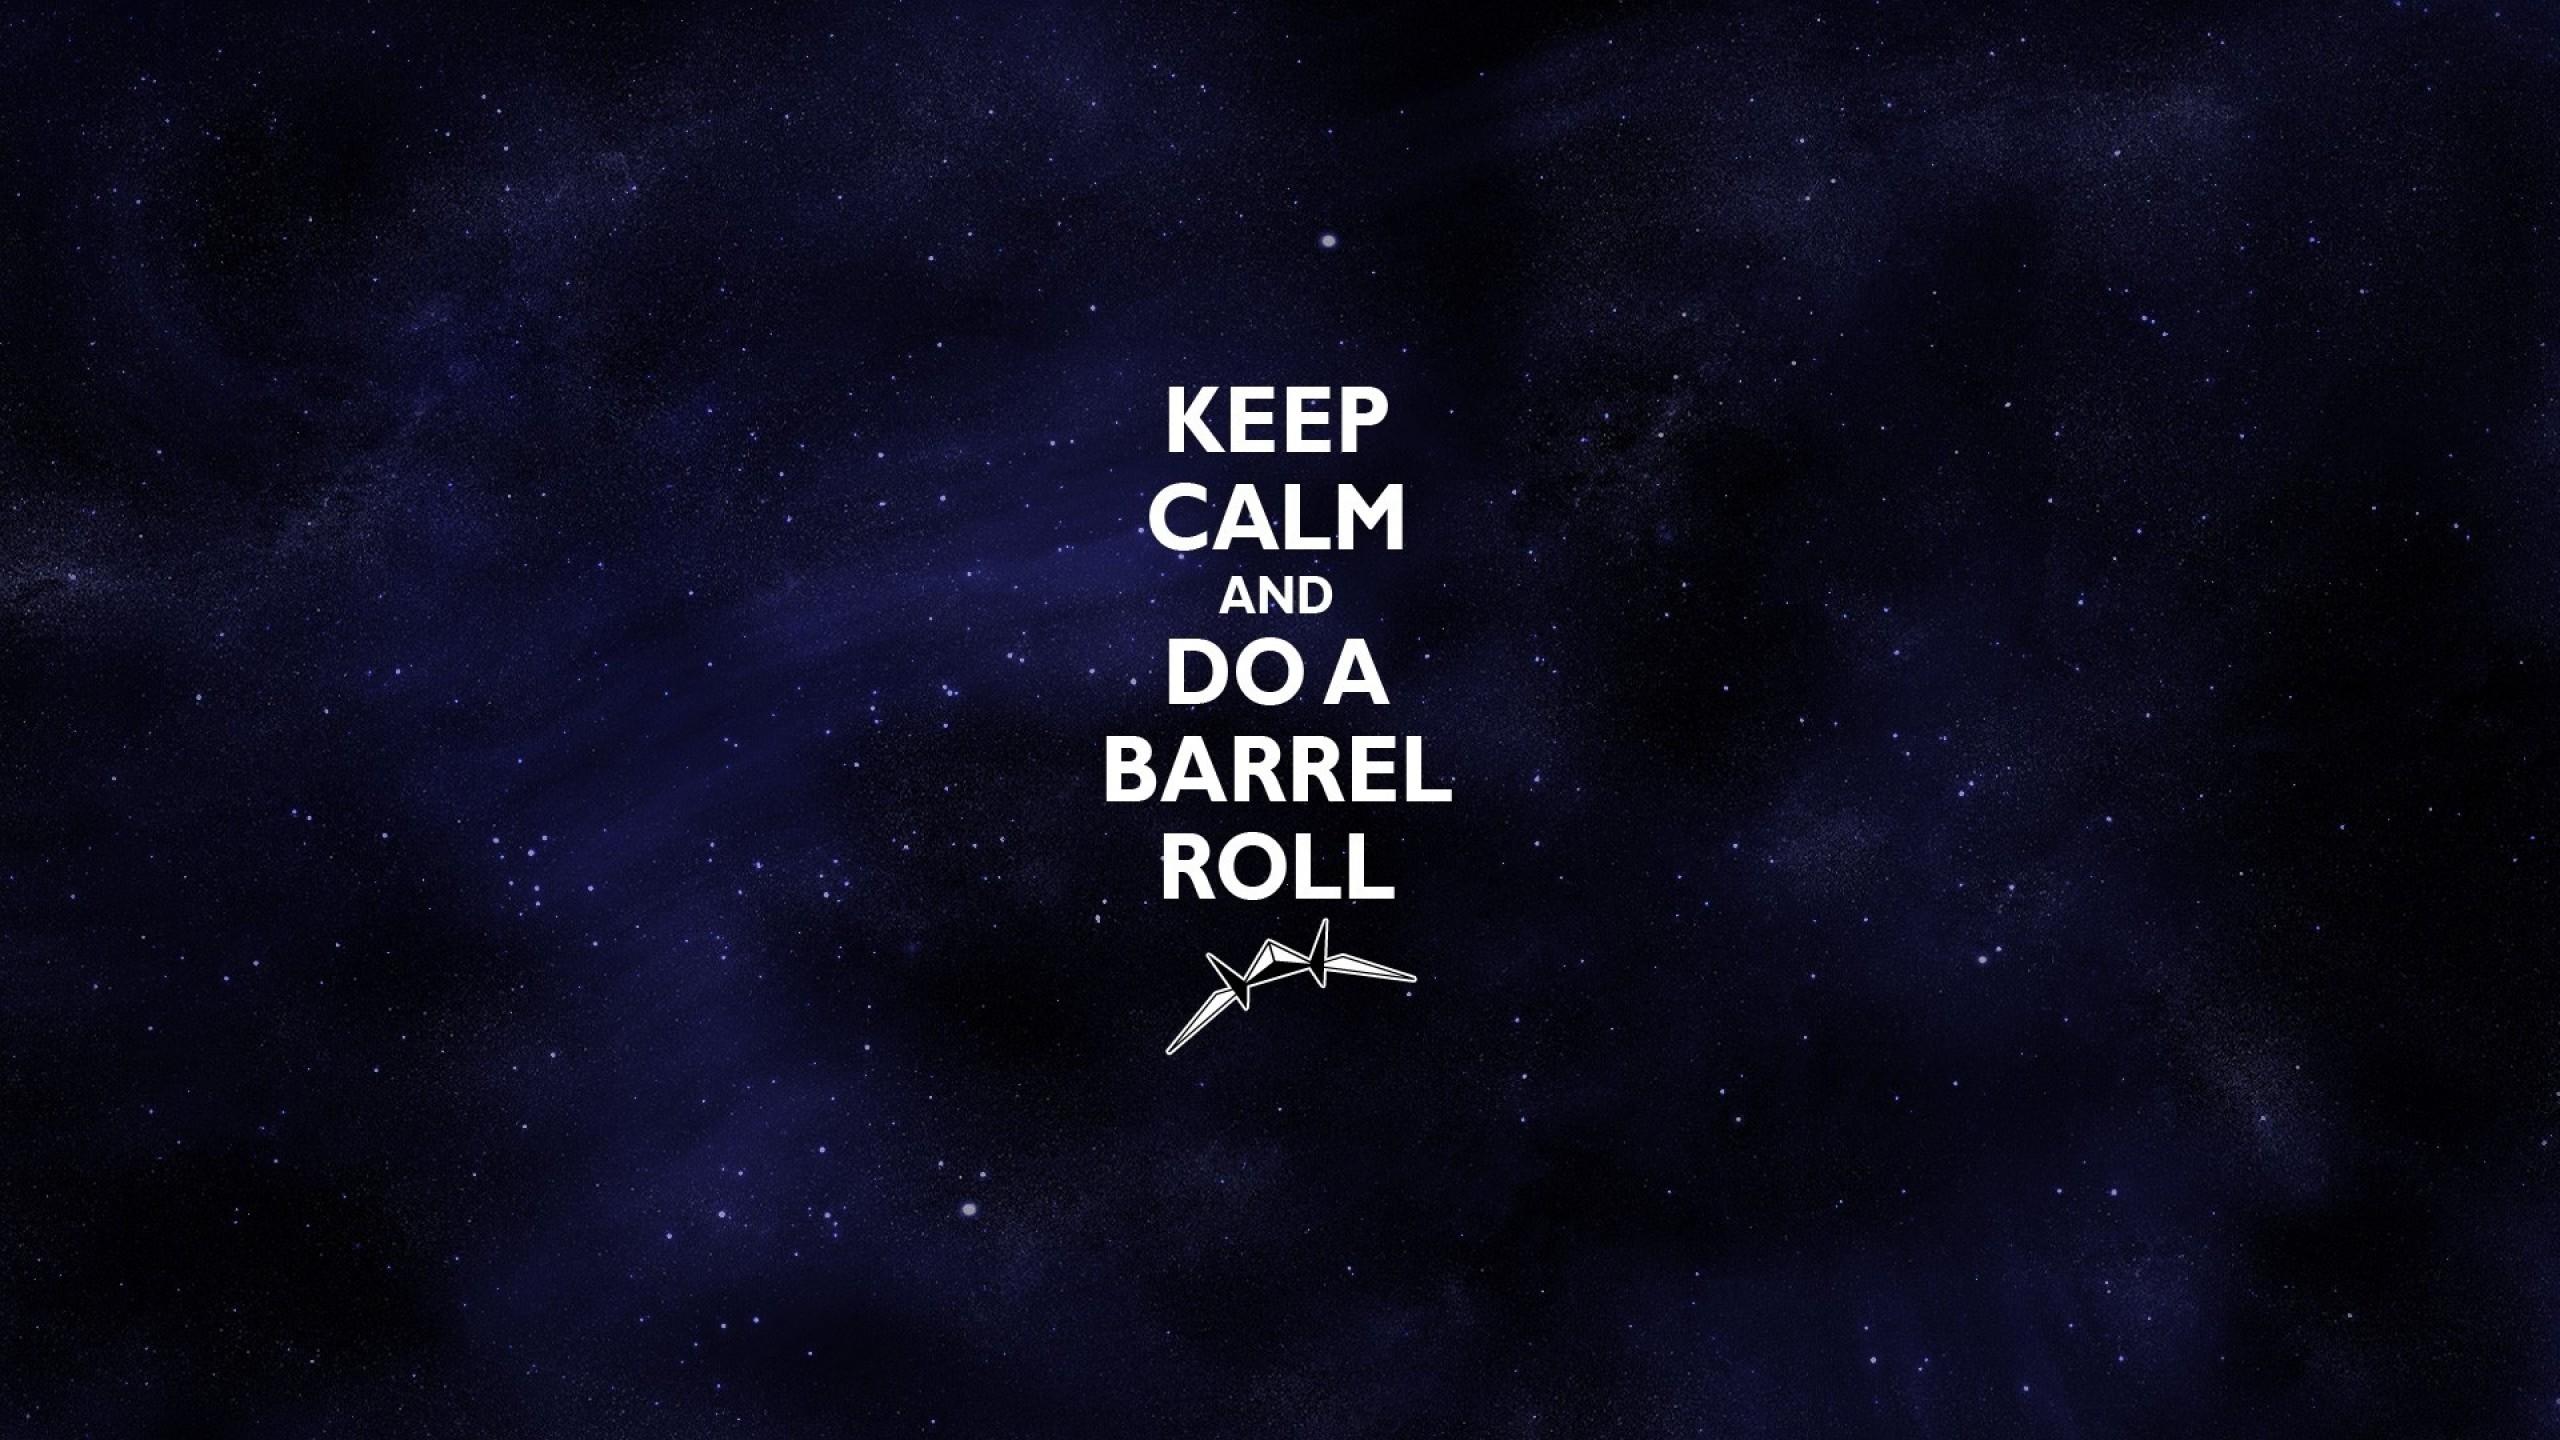 outer space roll star fox keep calm and barrel roll 1920×1080 wallpaper Art HD  Wallpaper